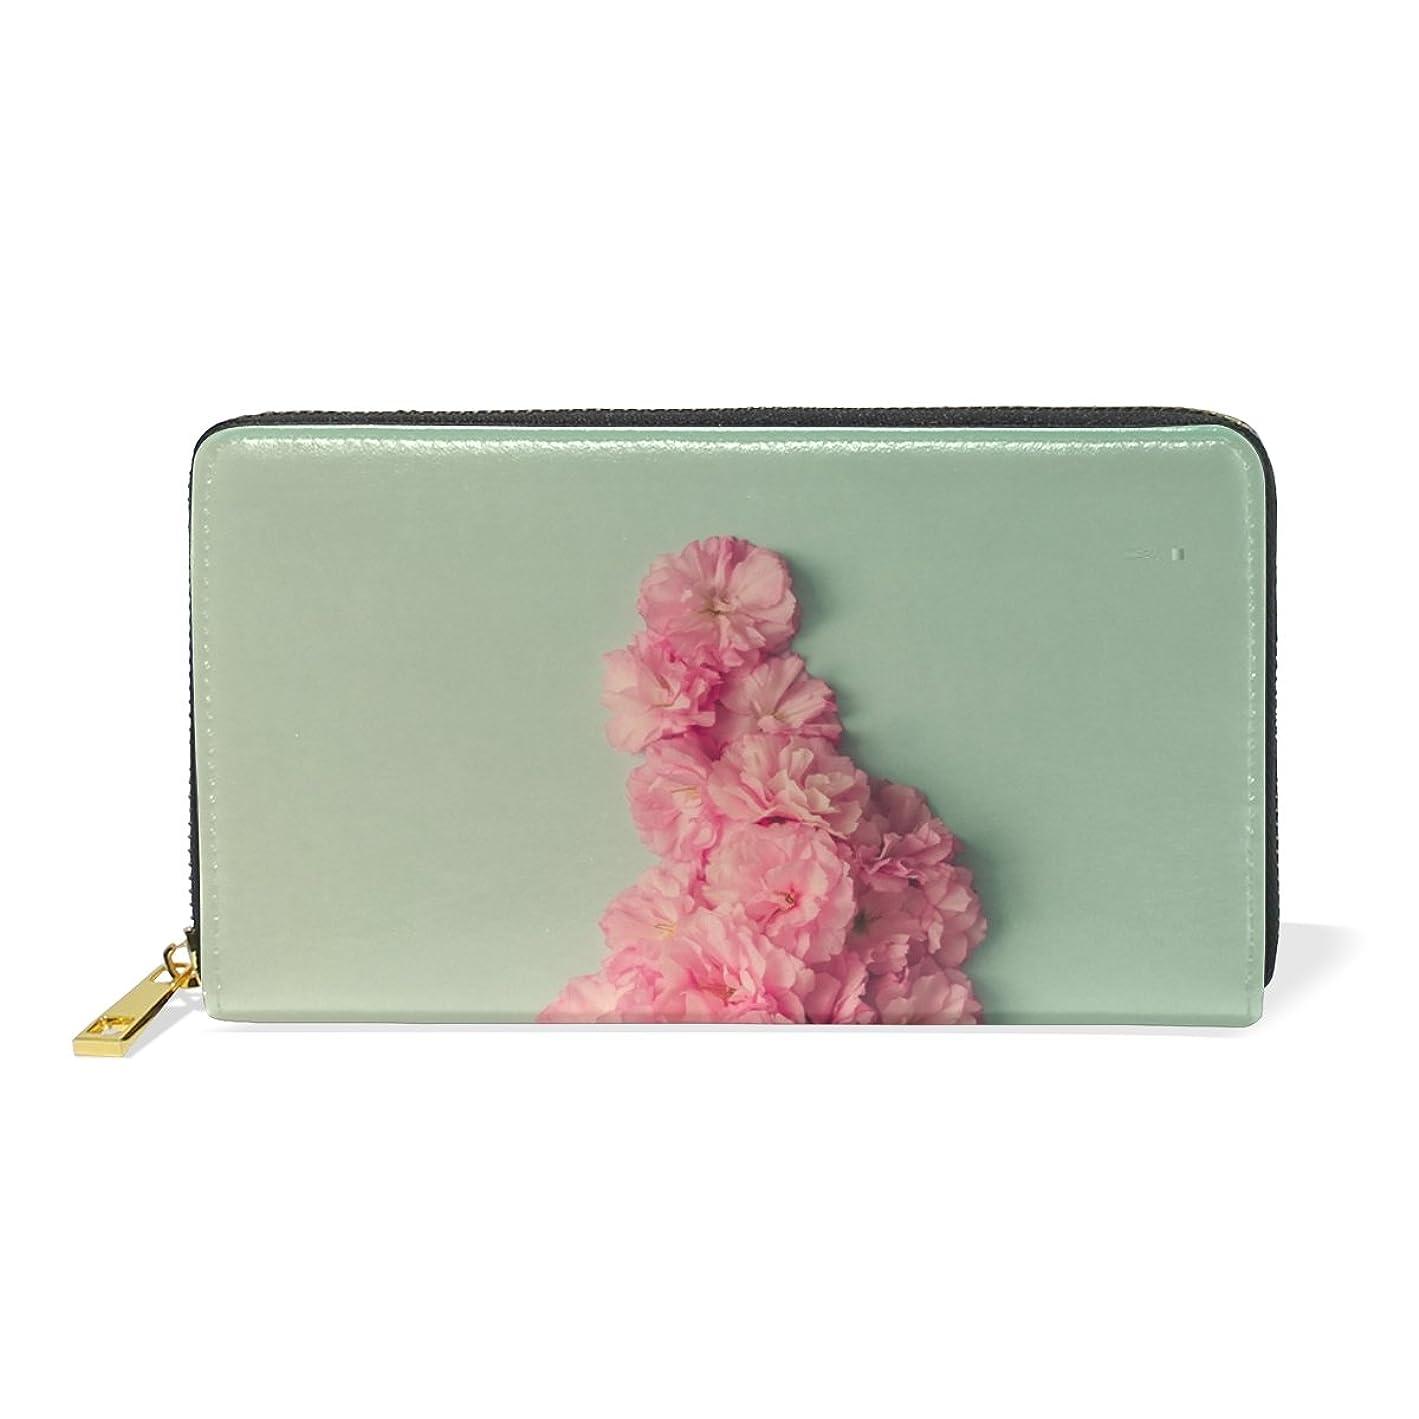 嬉しいです非常に怒っていますメタン旅立の店 長財布 人気 レディース メンズ 大容量多機能 二つ折り ラウンドファスナー 本革  緑背景 ピンクの花柄 ウォレット